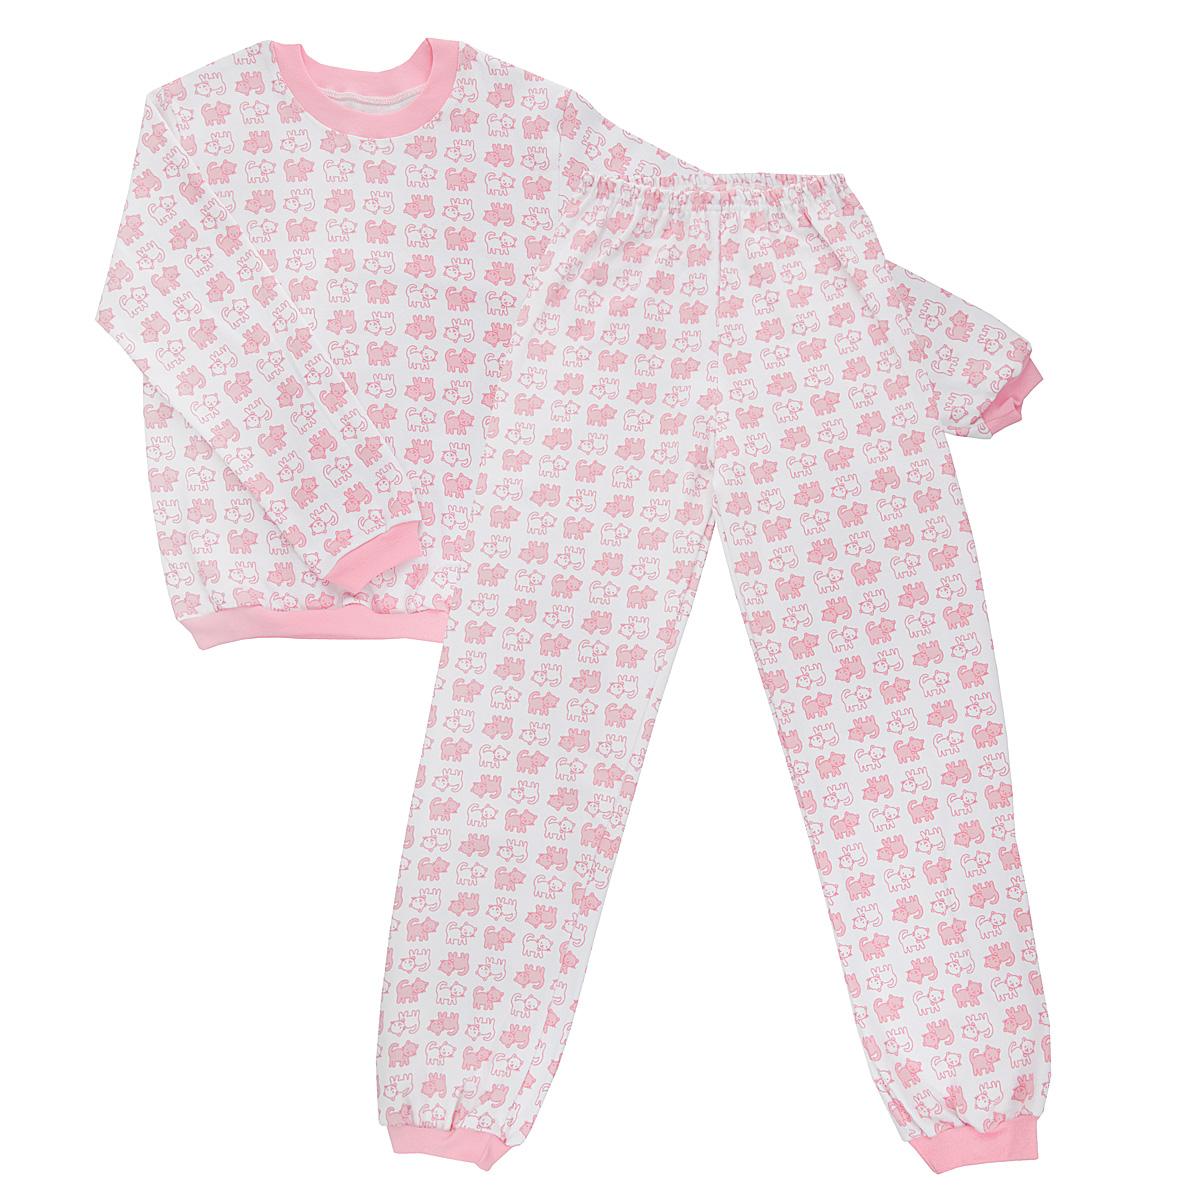 Пижама детская Трон-плюс, цвет: белый, розовый. 5555_котенок. Размер 122/128, 7-10 лет5555_котенокУютная детская пижама Трон-плюс, состоящая из джемпера и брюк, идеально подойдет вашему ребенку и станет отличным дополнением к детскому гардеробу. Изготовленная из интерлока, она необычайно мягкая и легкая, не сковывает движения, позволяет коже дышать и не раздражает даже самую нежную и чувствительную кожу ребенка. Трикотажный джемпер с длинными рукавами имеет круглый вырез горловины. Низ изделия, рукава и вырез горловины дополнены эластичной трикотажной резинкой контрастного цвета.Брюки на талии имеют эластичную резинку, благодаря чему не сдавливают живот ребенка и не сползают. Низ брючин дополнен широкими эластичными манжетами контрастного цвета.Оформлено изделие оригинальным принтом с изображением котят. В такой пижаме ваш ребенок будет чувствовать себя комфортно и уютно во время сна.